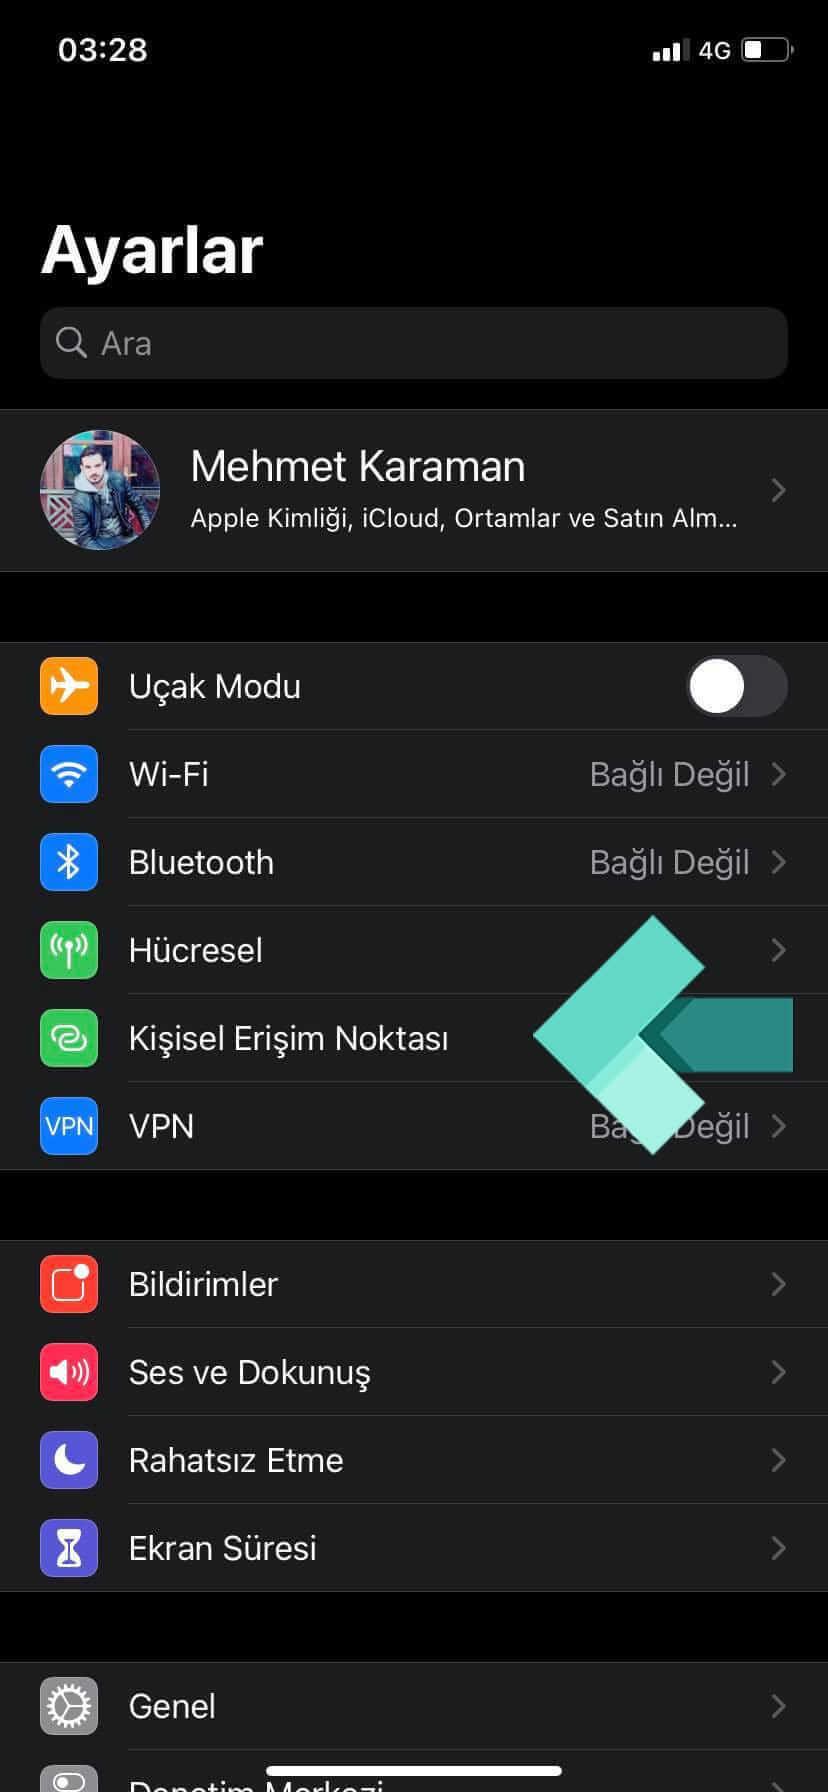 iPhone Ayarlar: Kişisel Erişim Noktası